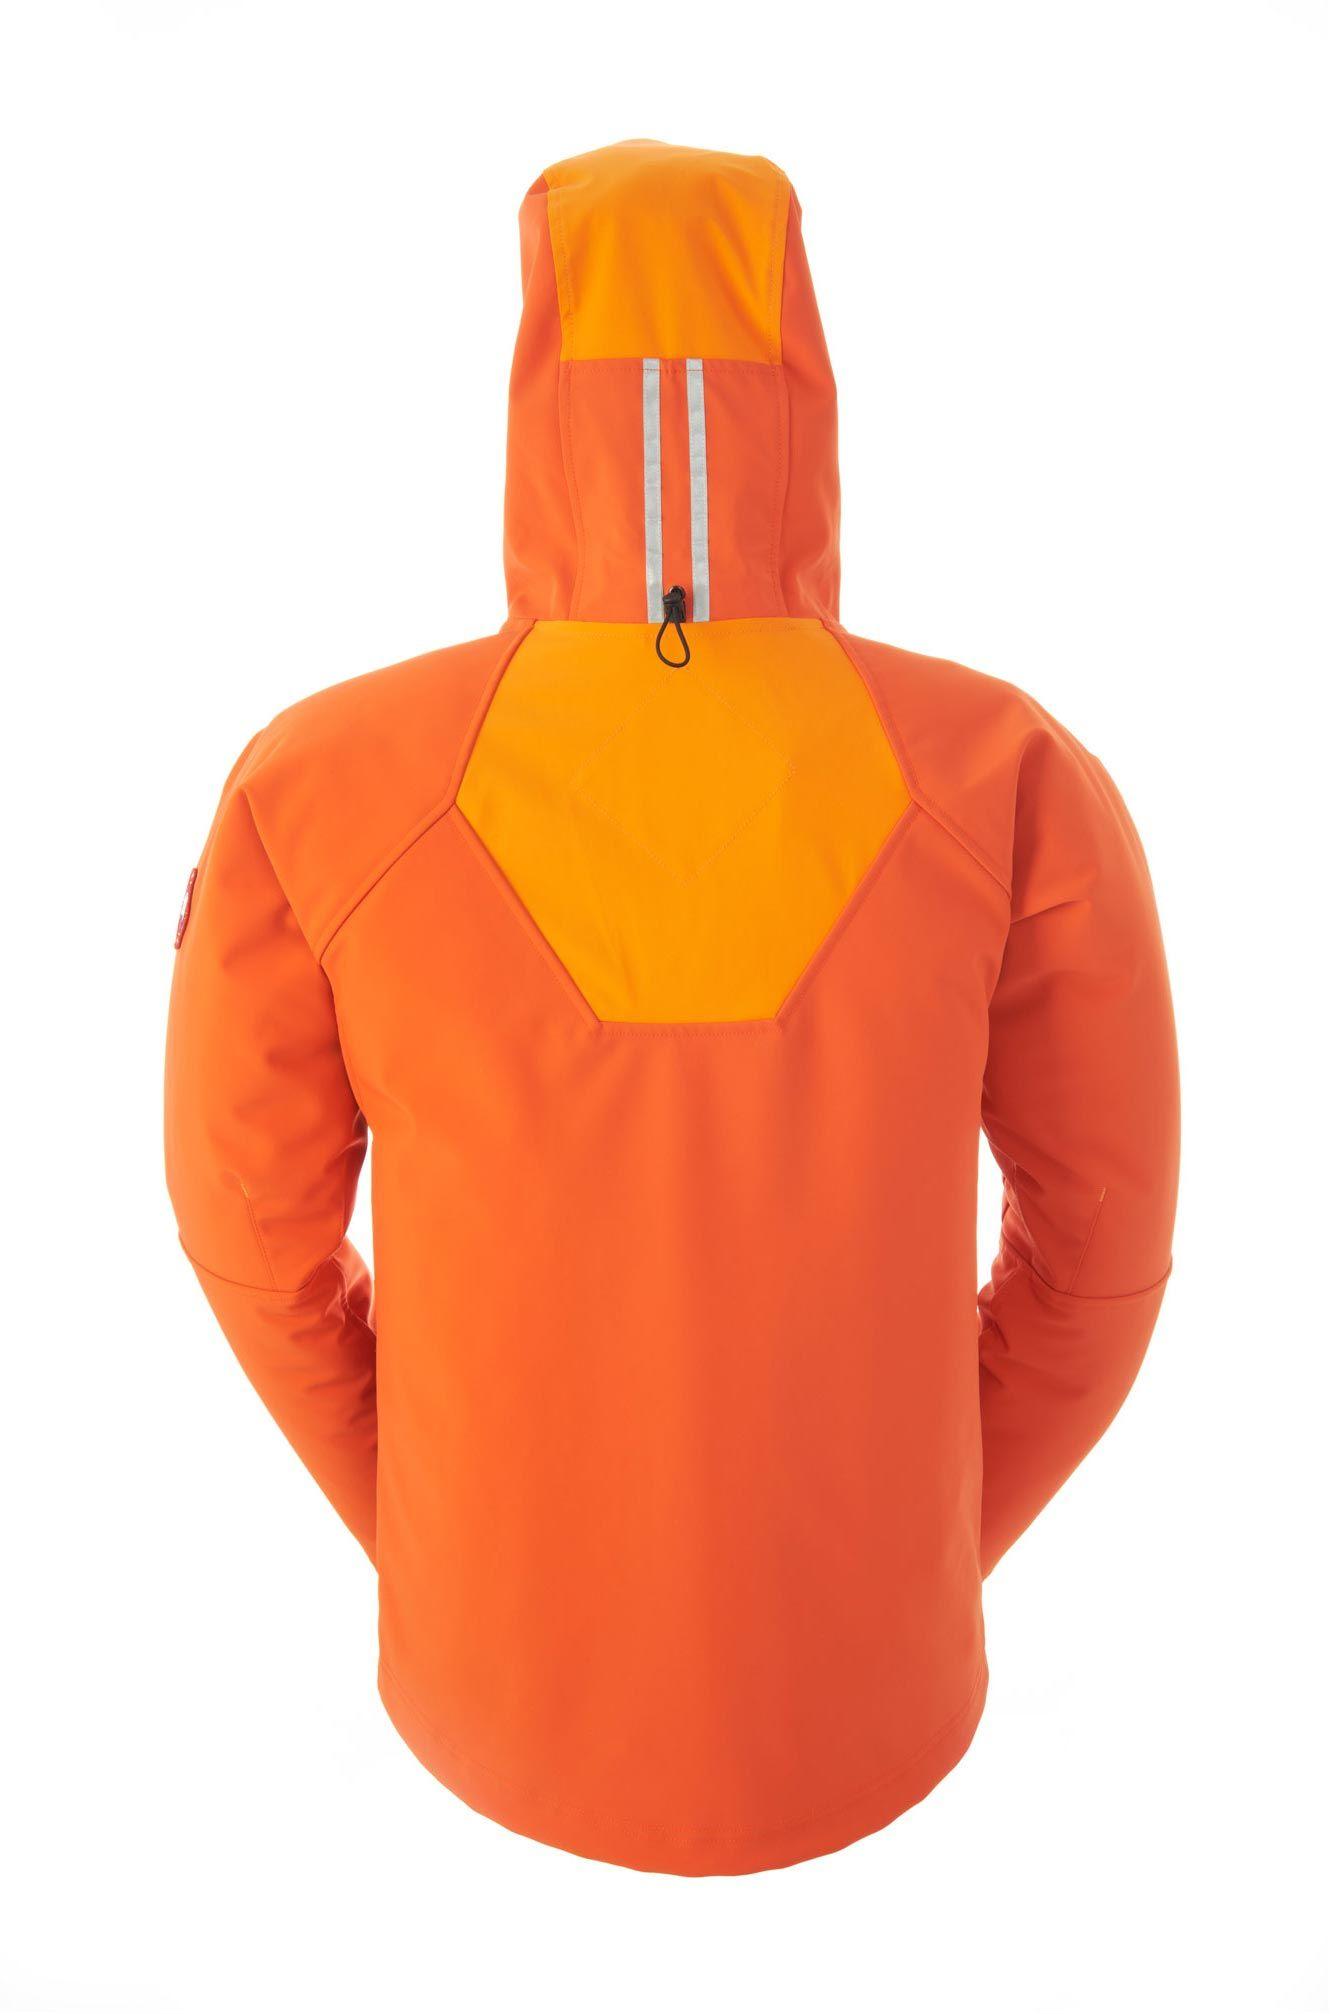 Canada Goose victoria parka replica price - Canada goose Trenton Jacket in Orange for Men (Amber/Sunset Orange ...